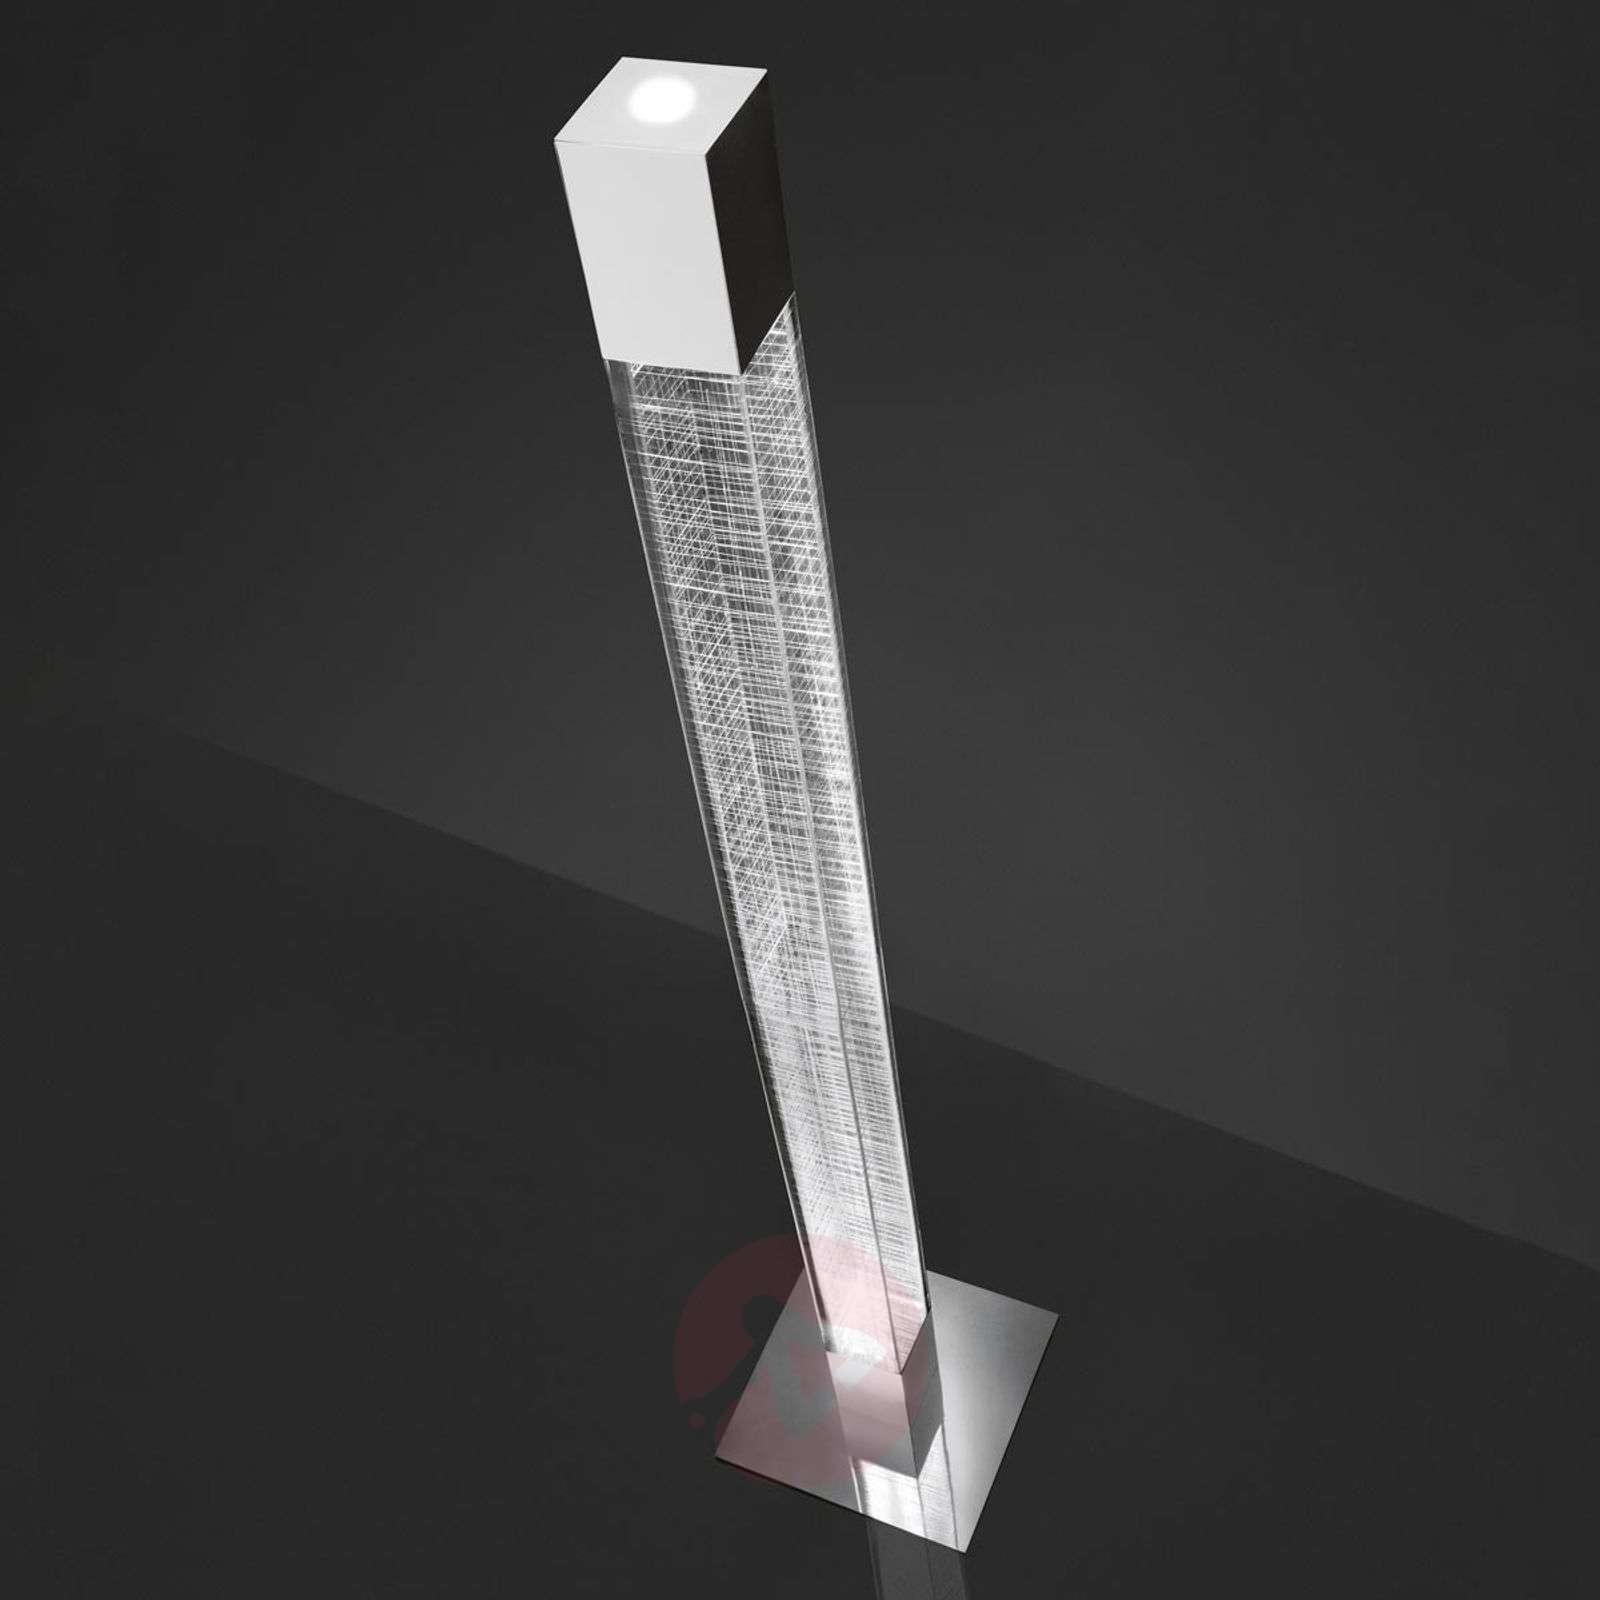 Mimesi LED floor lamp-1060030-01